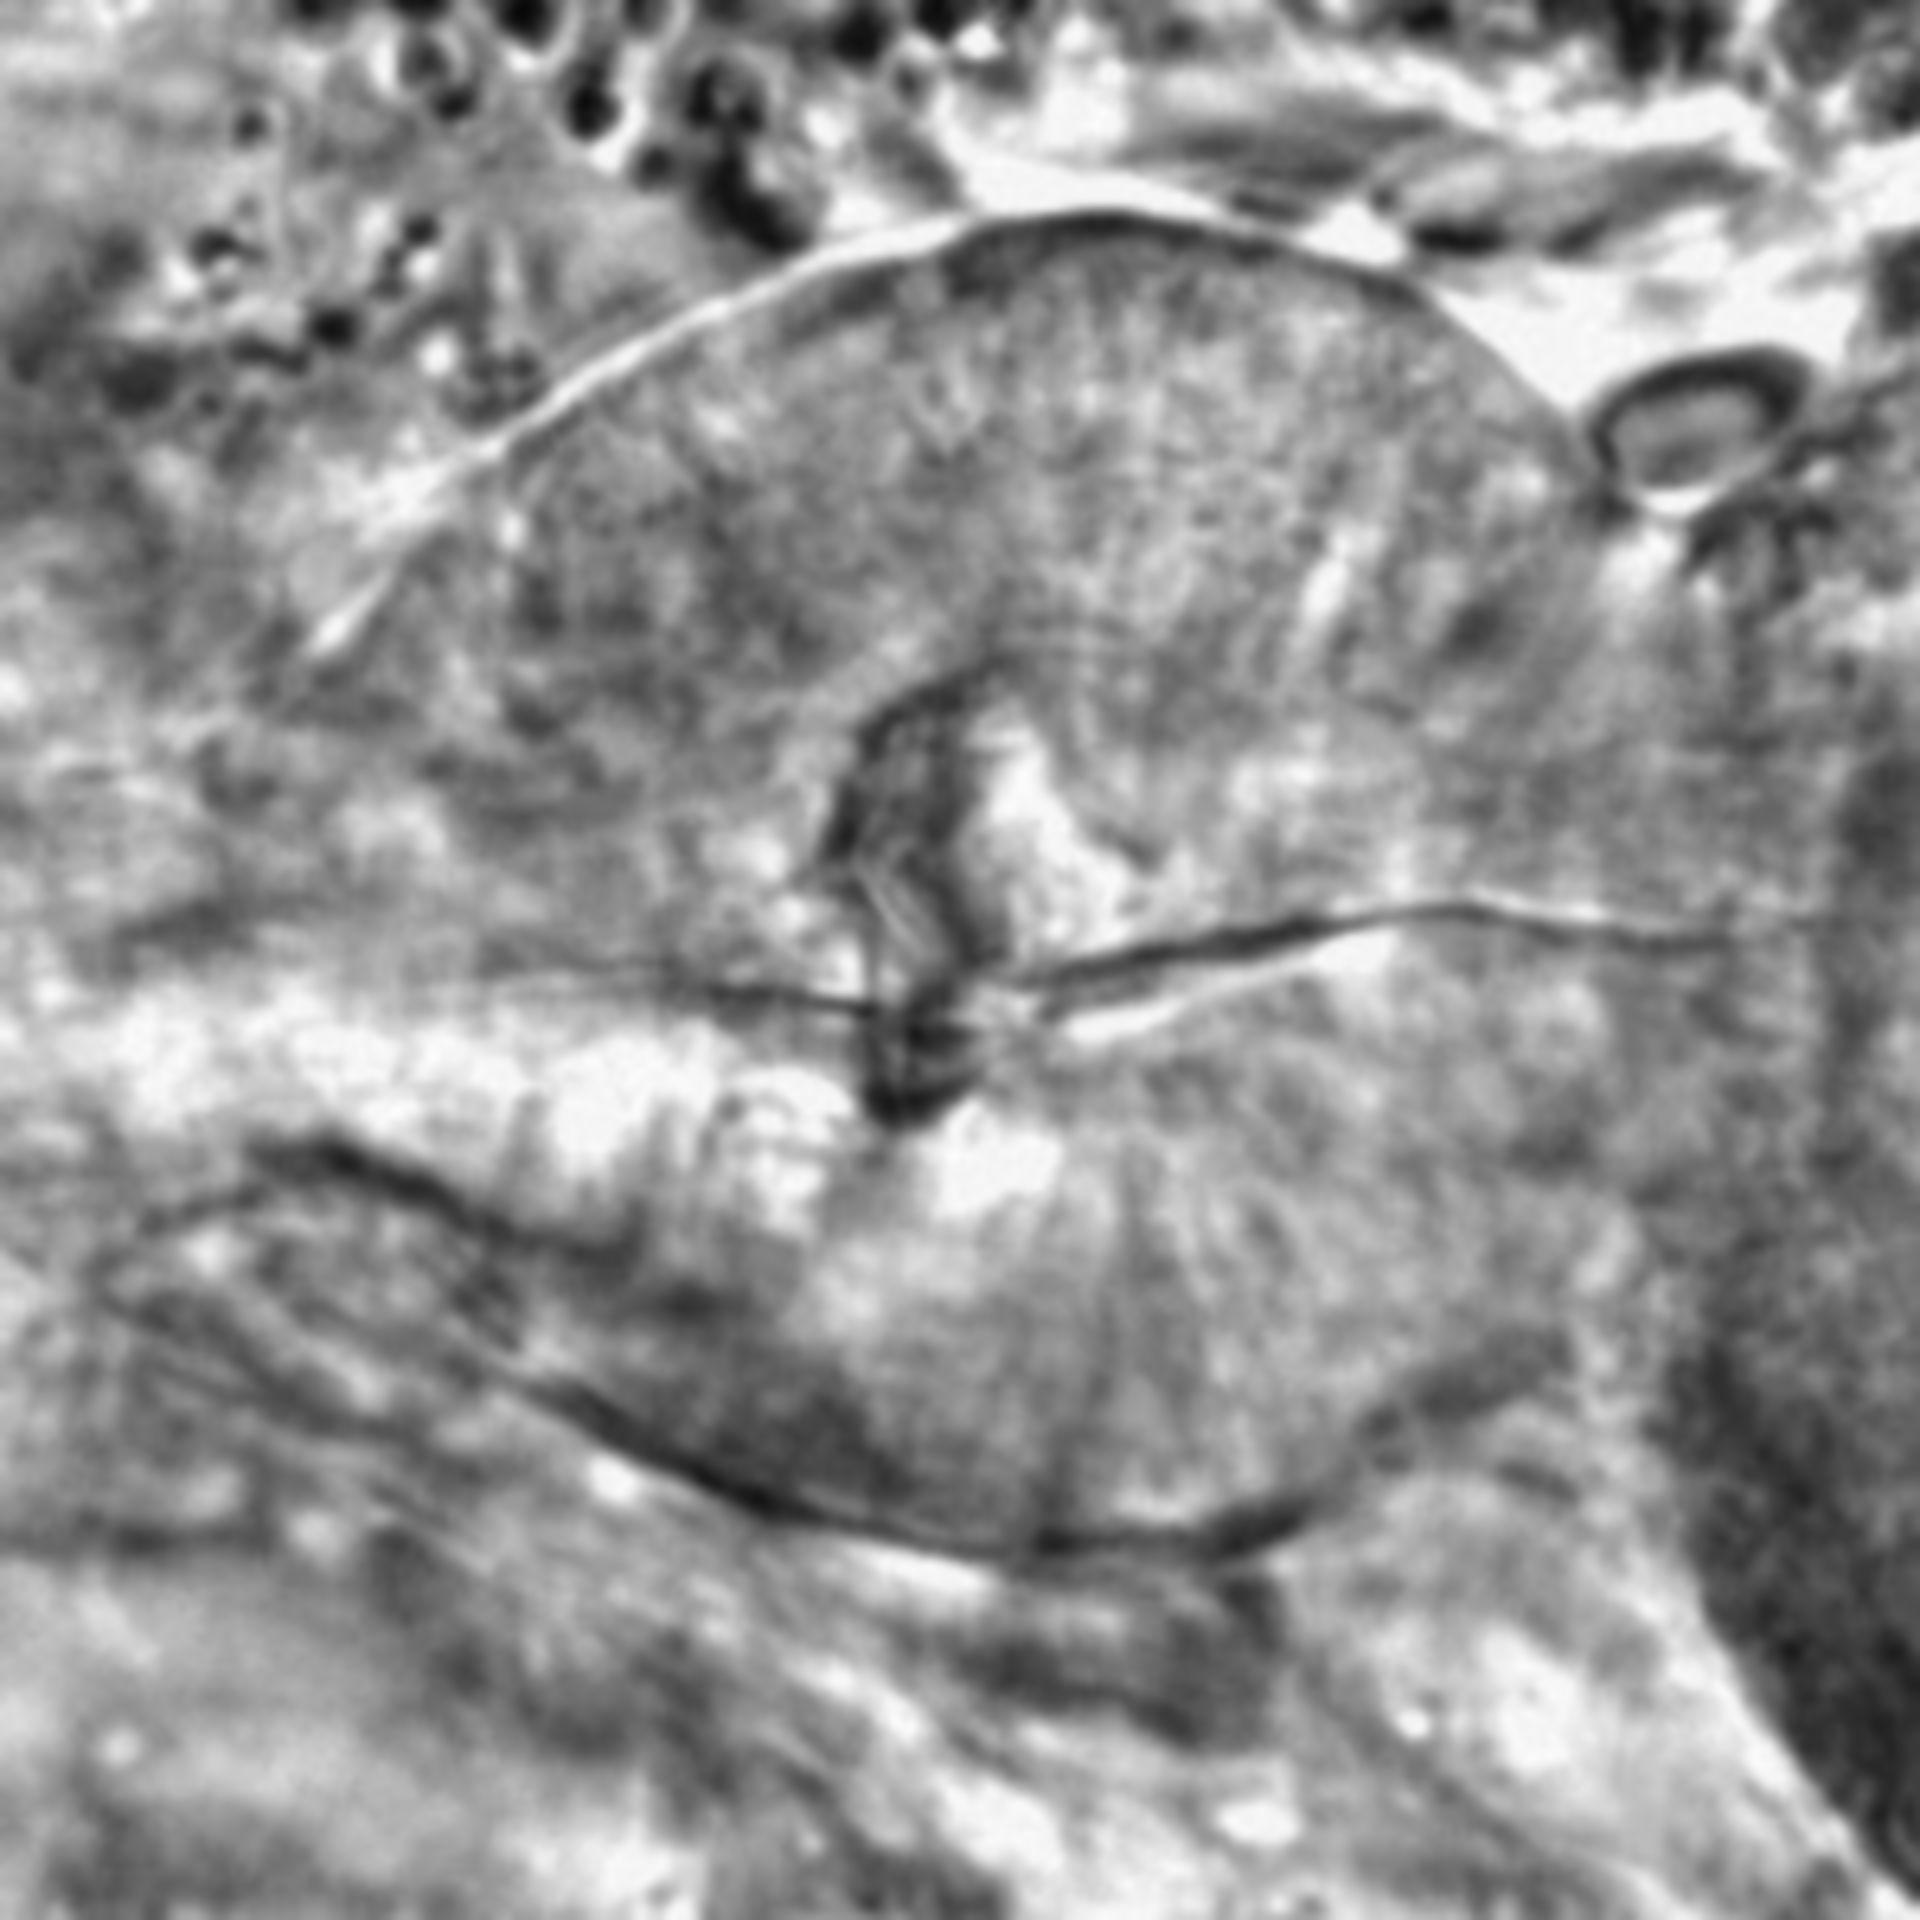 Caenorhabditis elegans - CIL:1763